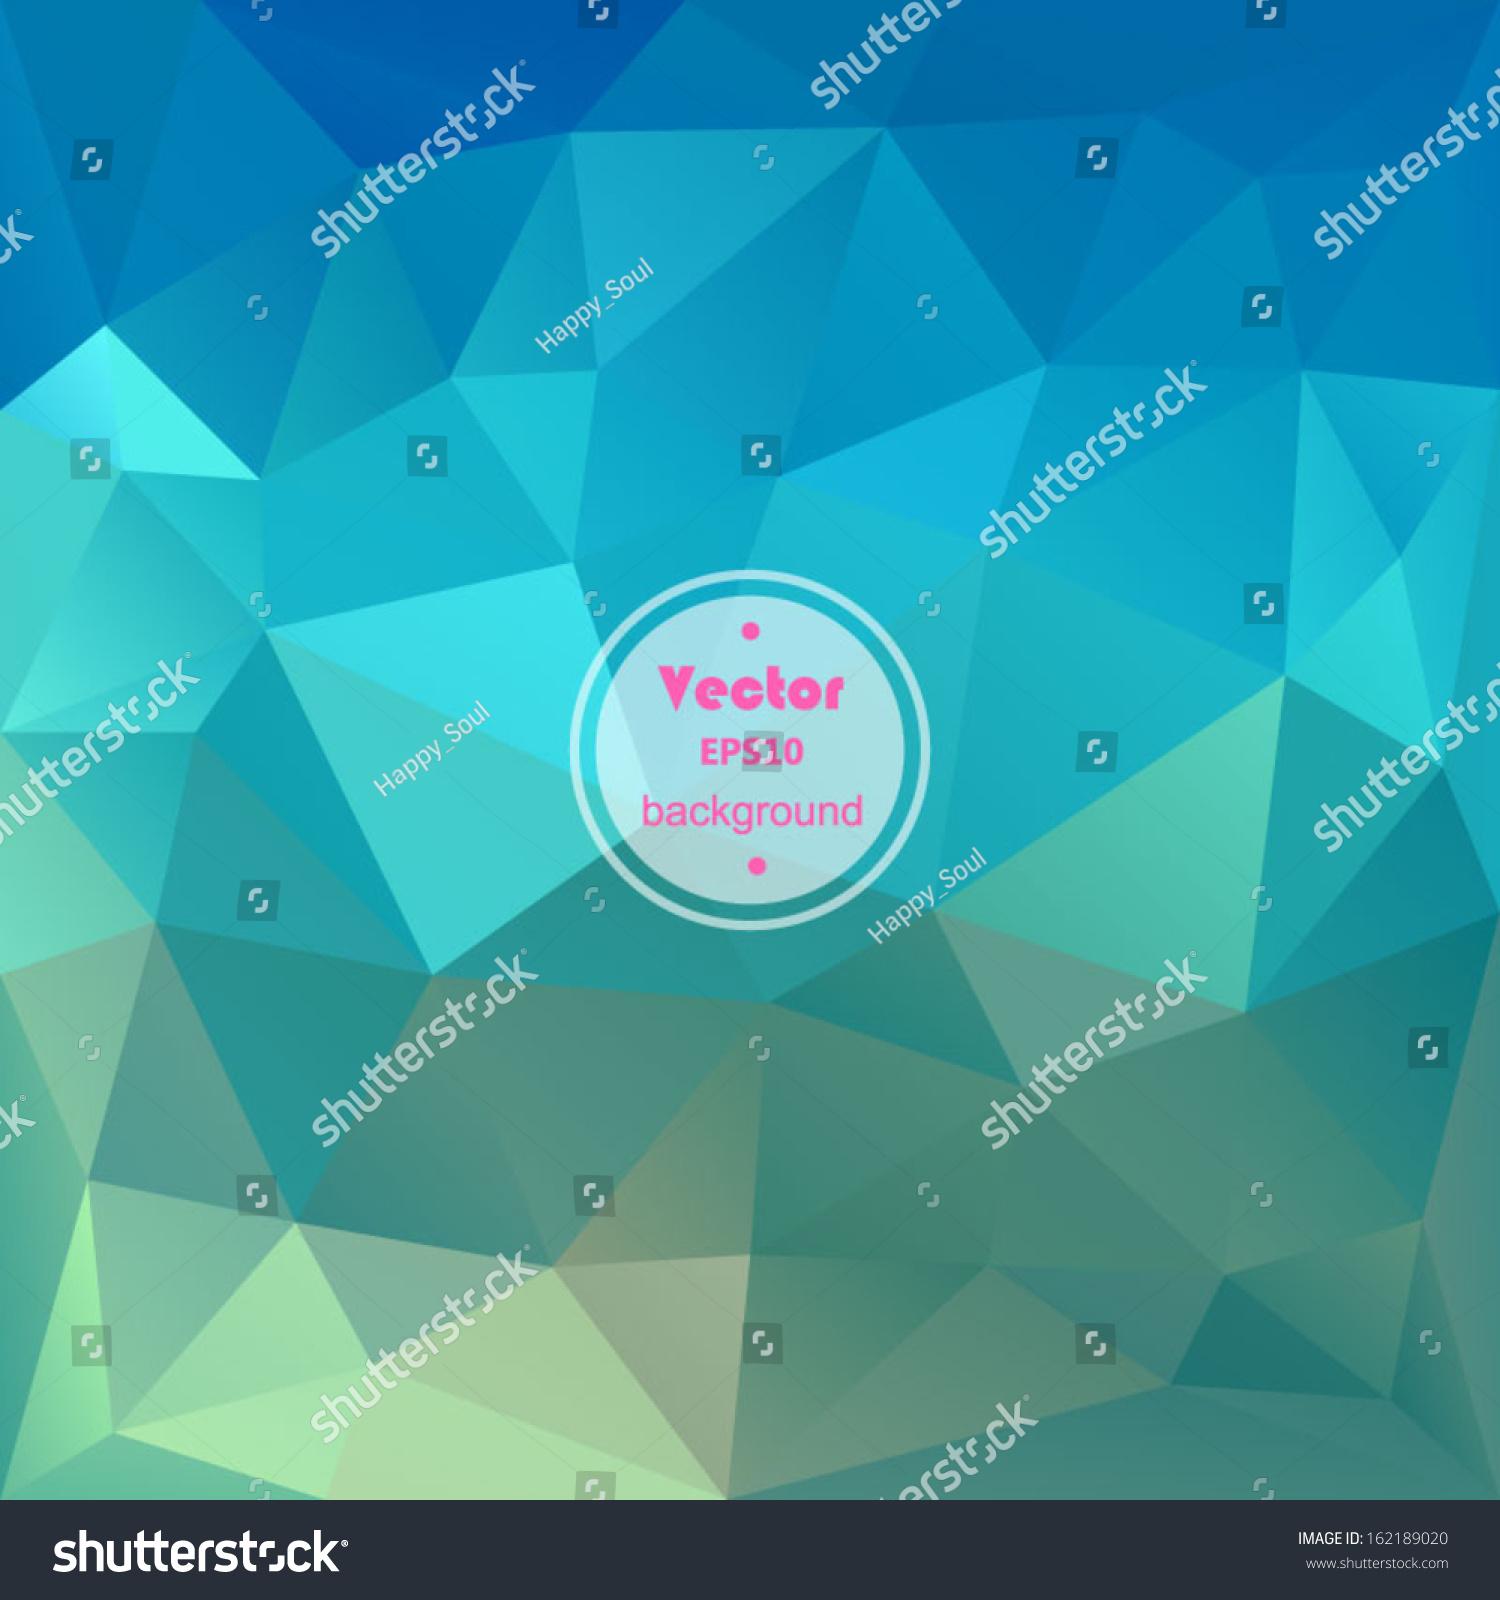 Edit Vectors Free Online - Vector geometric | Shutterstock